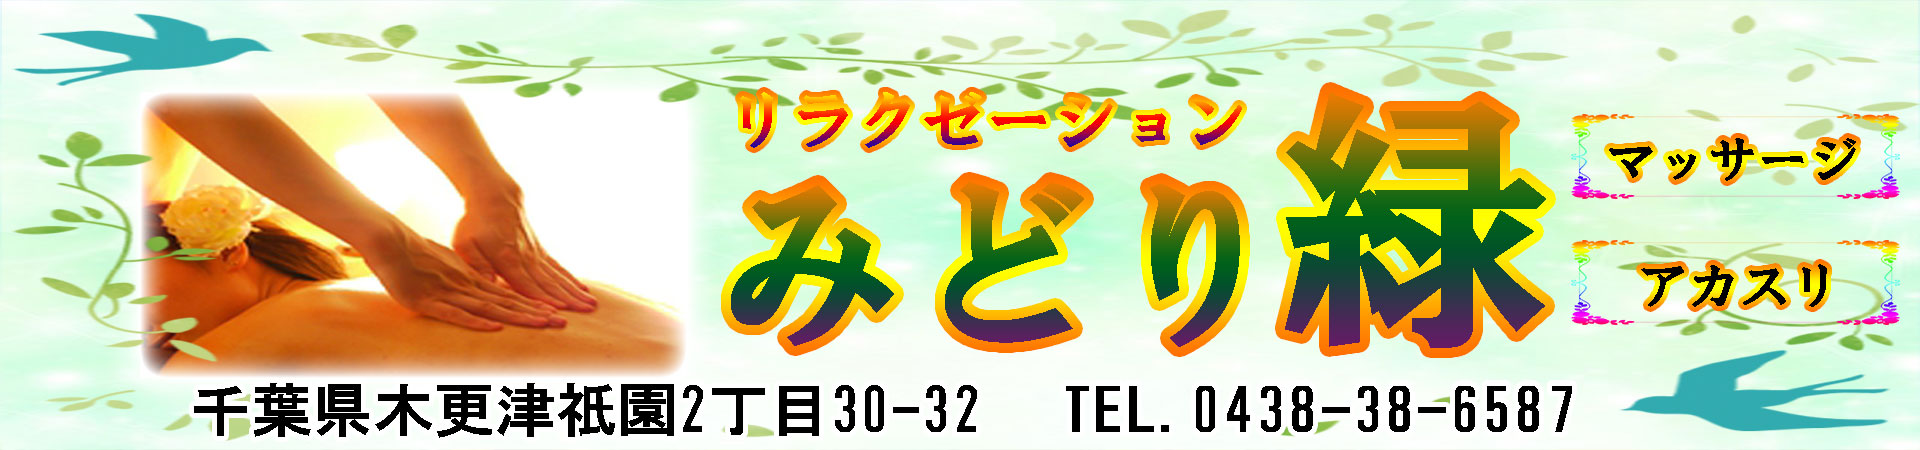 【みどり~緑】木更津/千葉